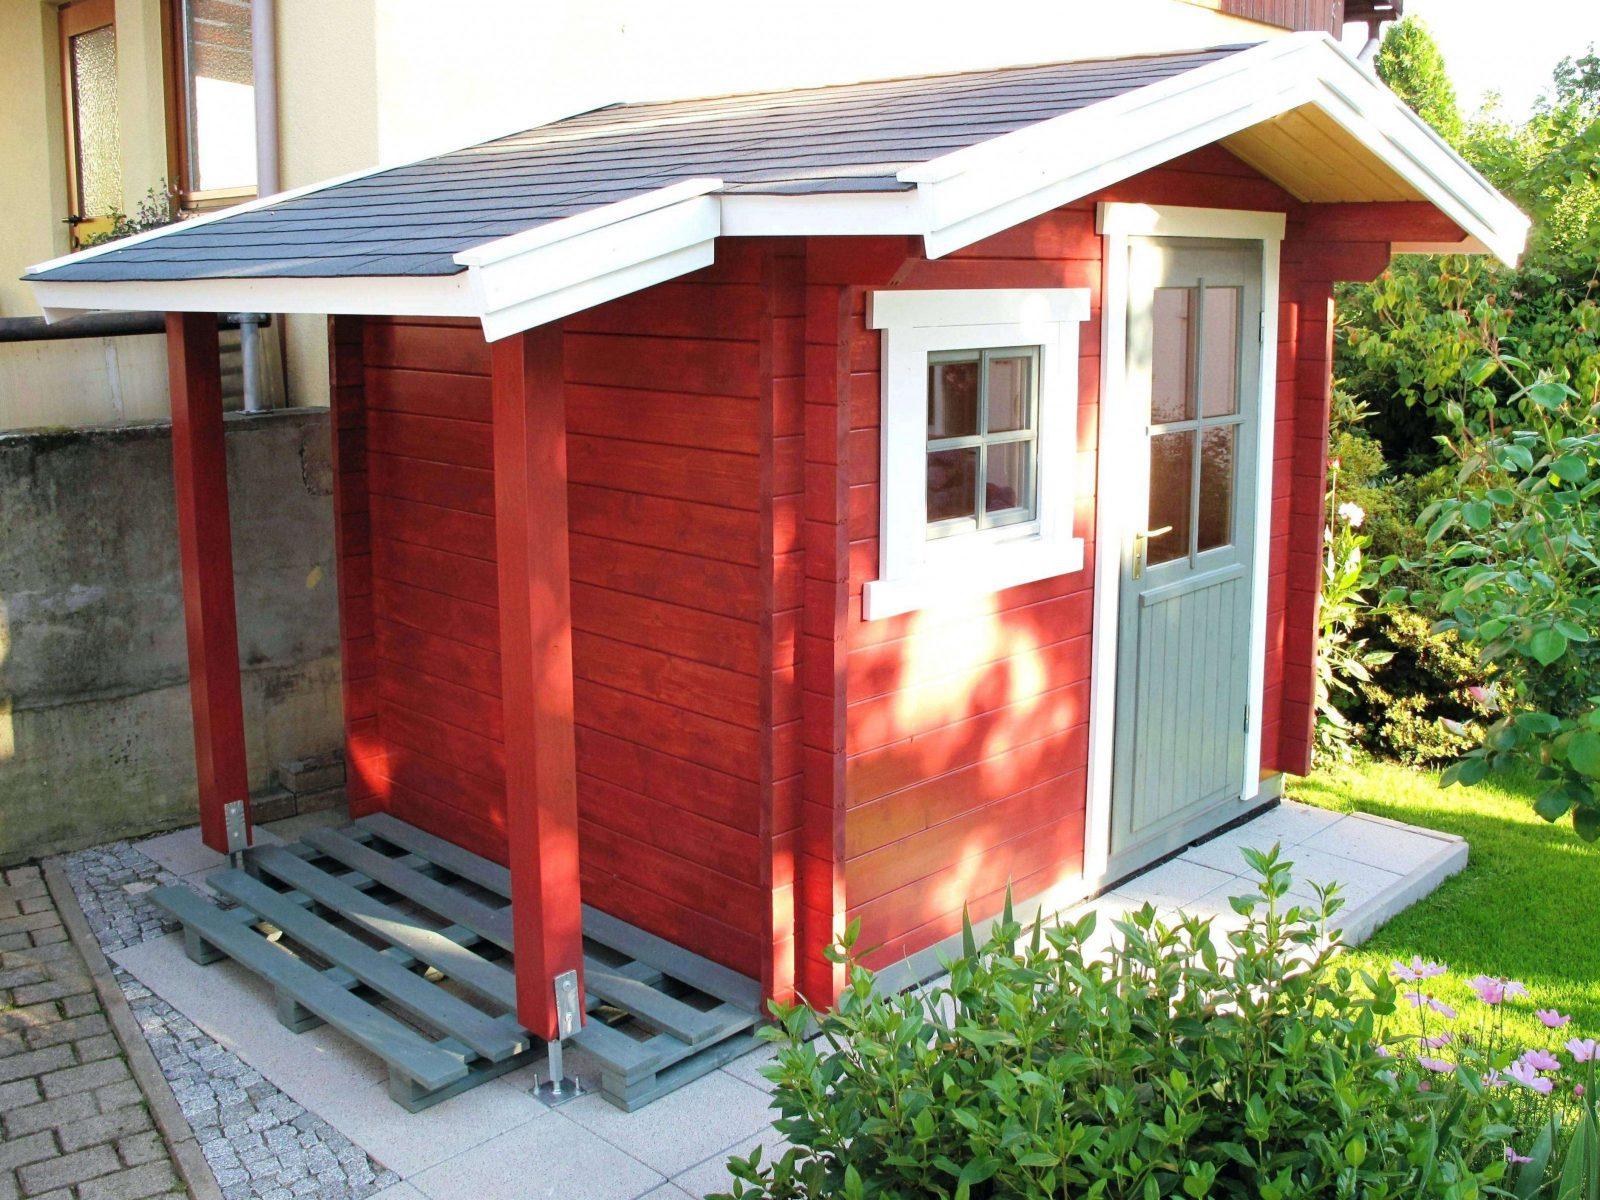 gartenhaus selber bauen gartenhaus selber bauen anleitungen tipps von blockhaus selber bauen. Black Bedroom Furniture Sets. Home Design Ideas